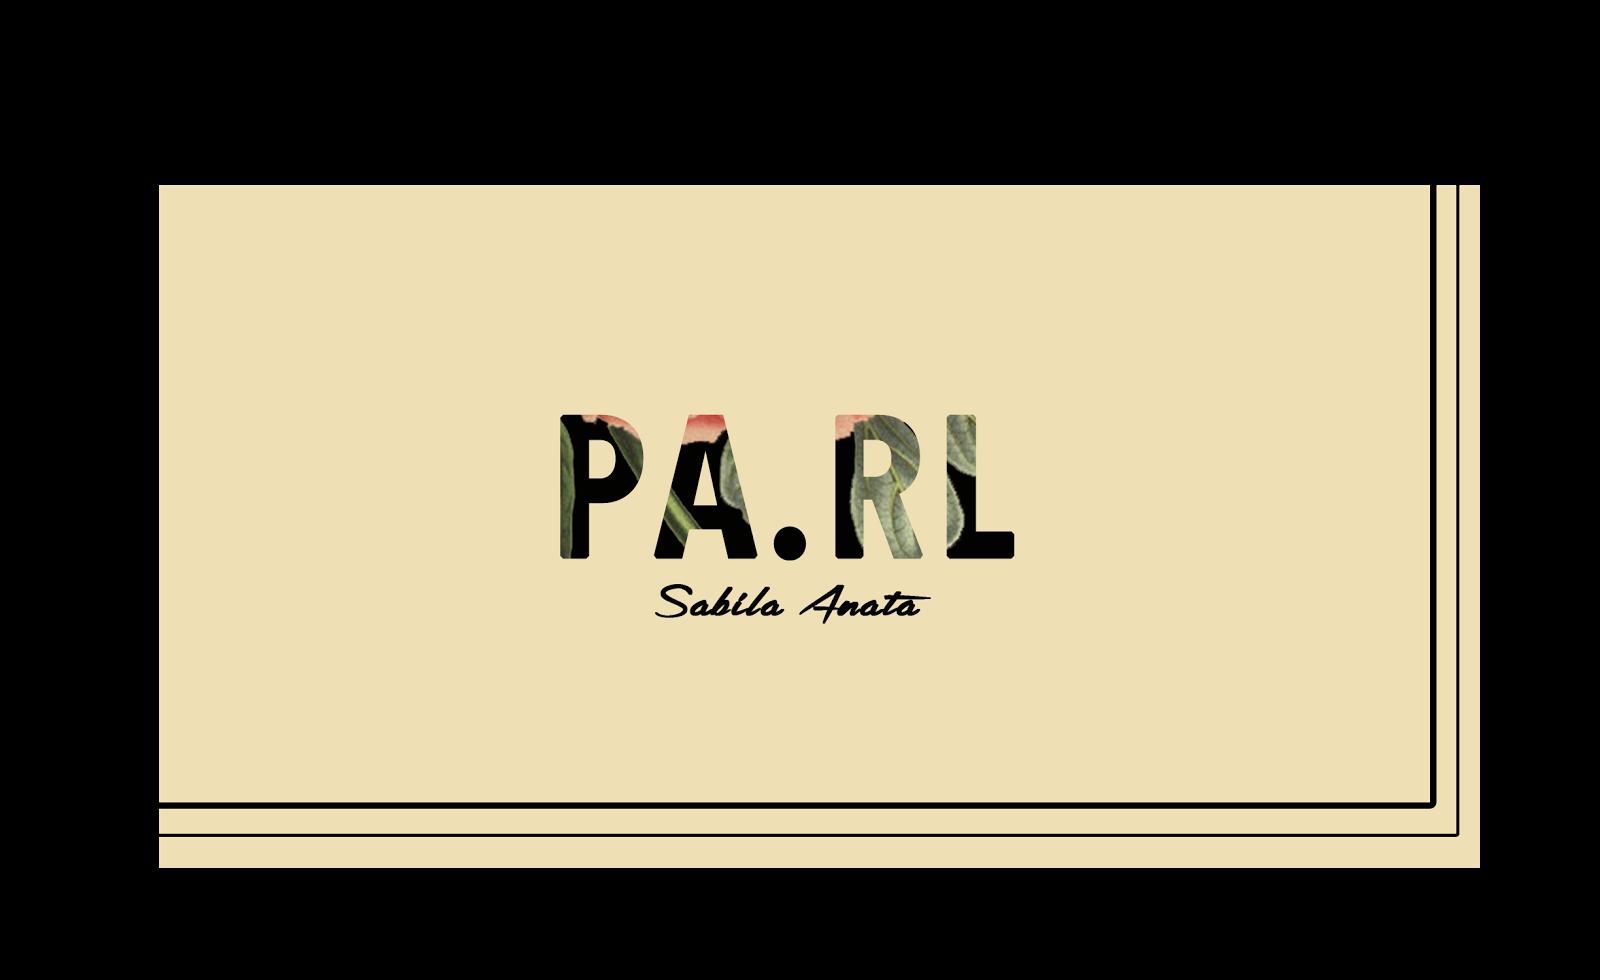 PA.RL